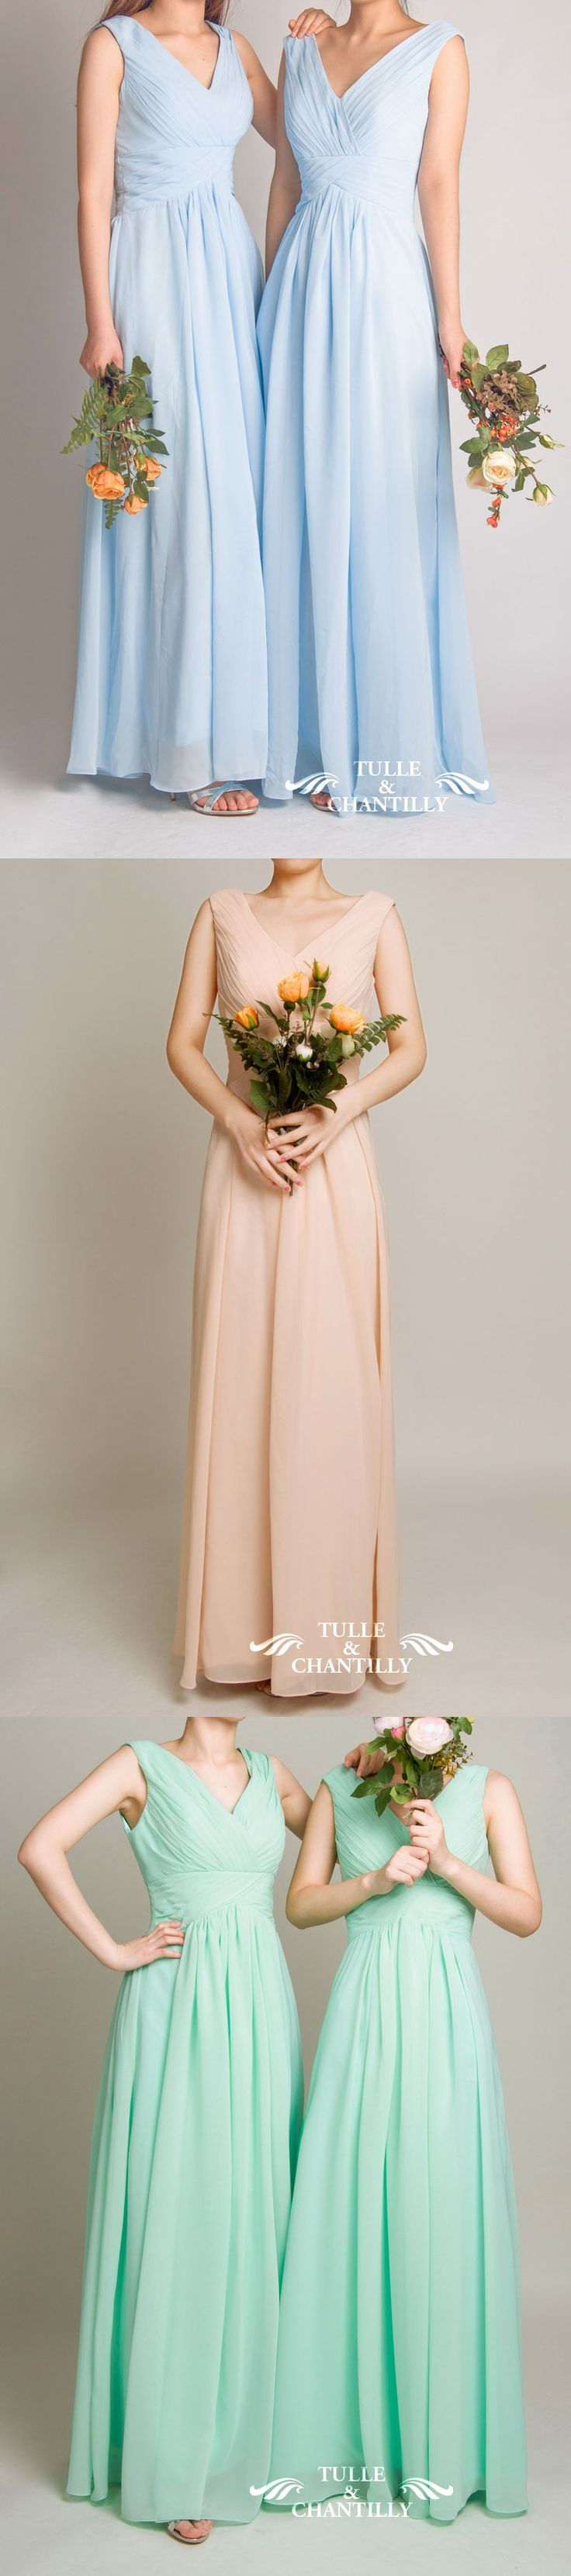 208 best bridesmaid dresses 2016 images on pinterest dresses long mauve v neck chiffon bridesmaid gown tbqp198 ombrellifo Images